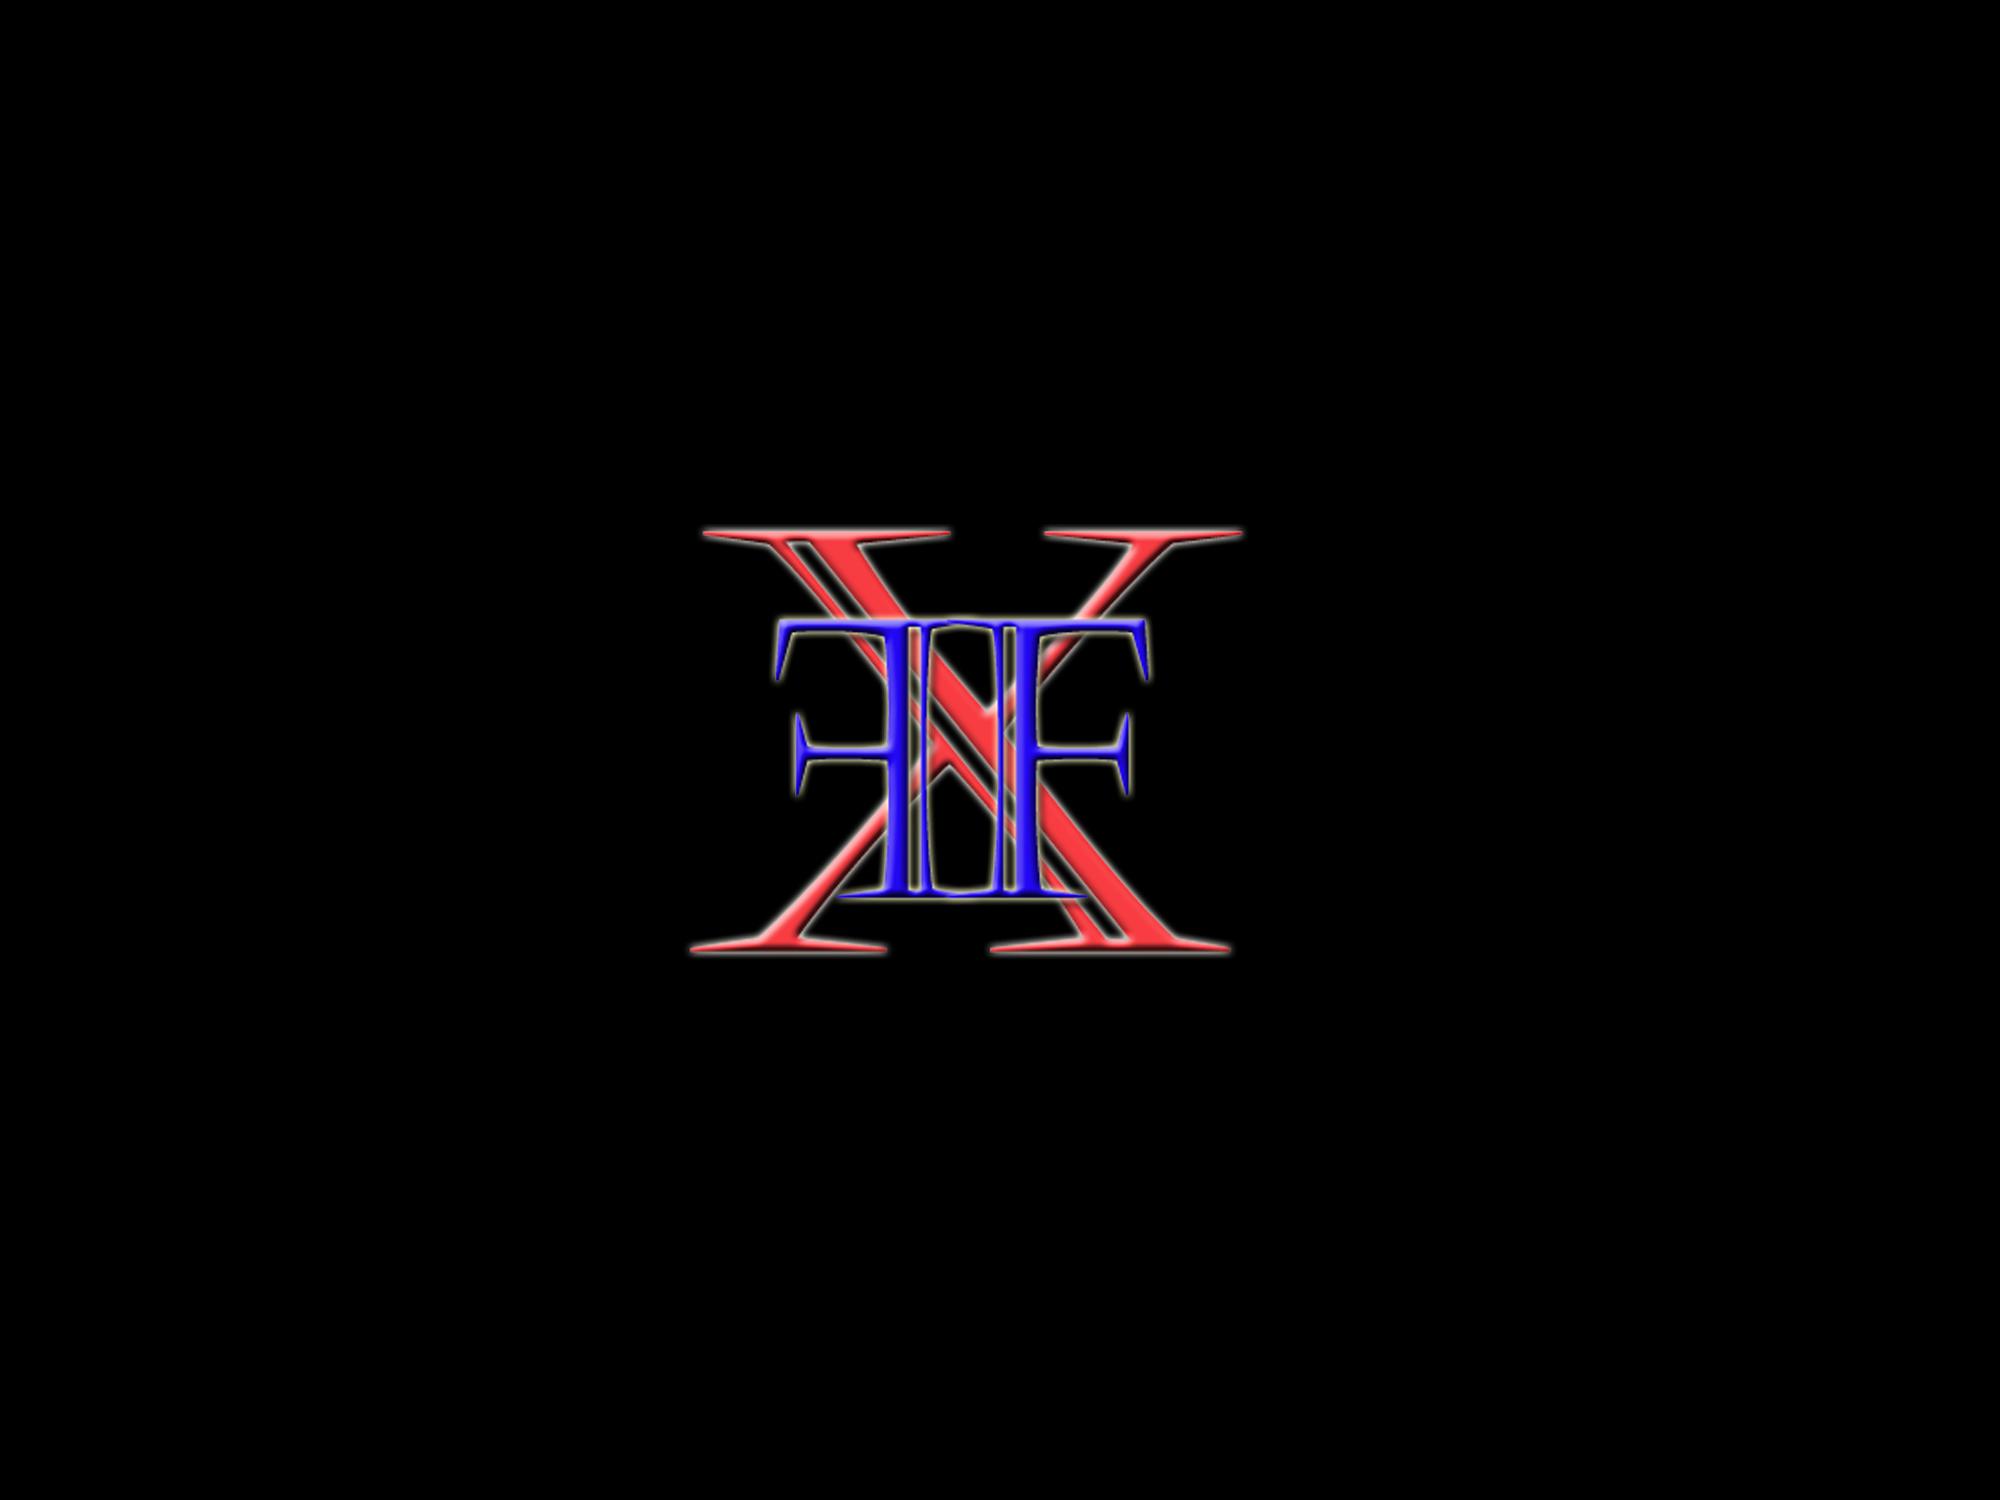 Разработка логотипа для компании FxFinance фото f_83351165bbb02c74.jpg